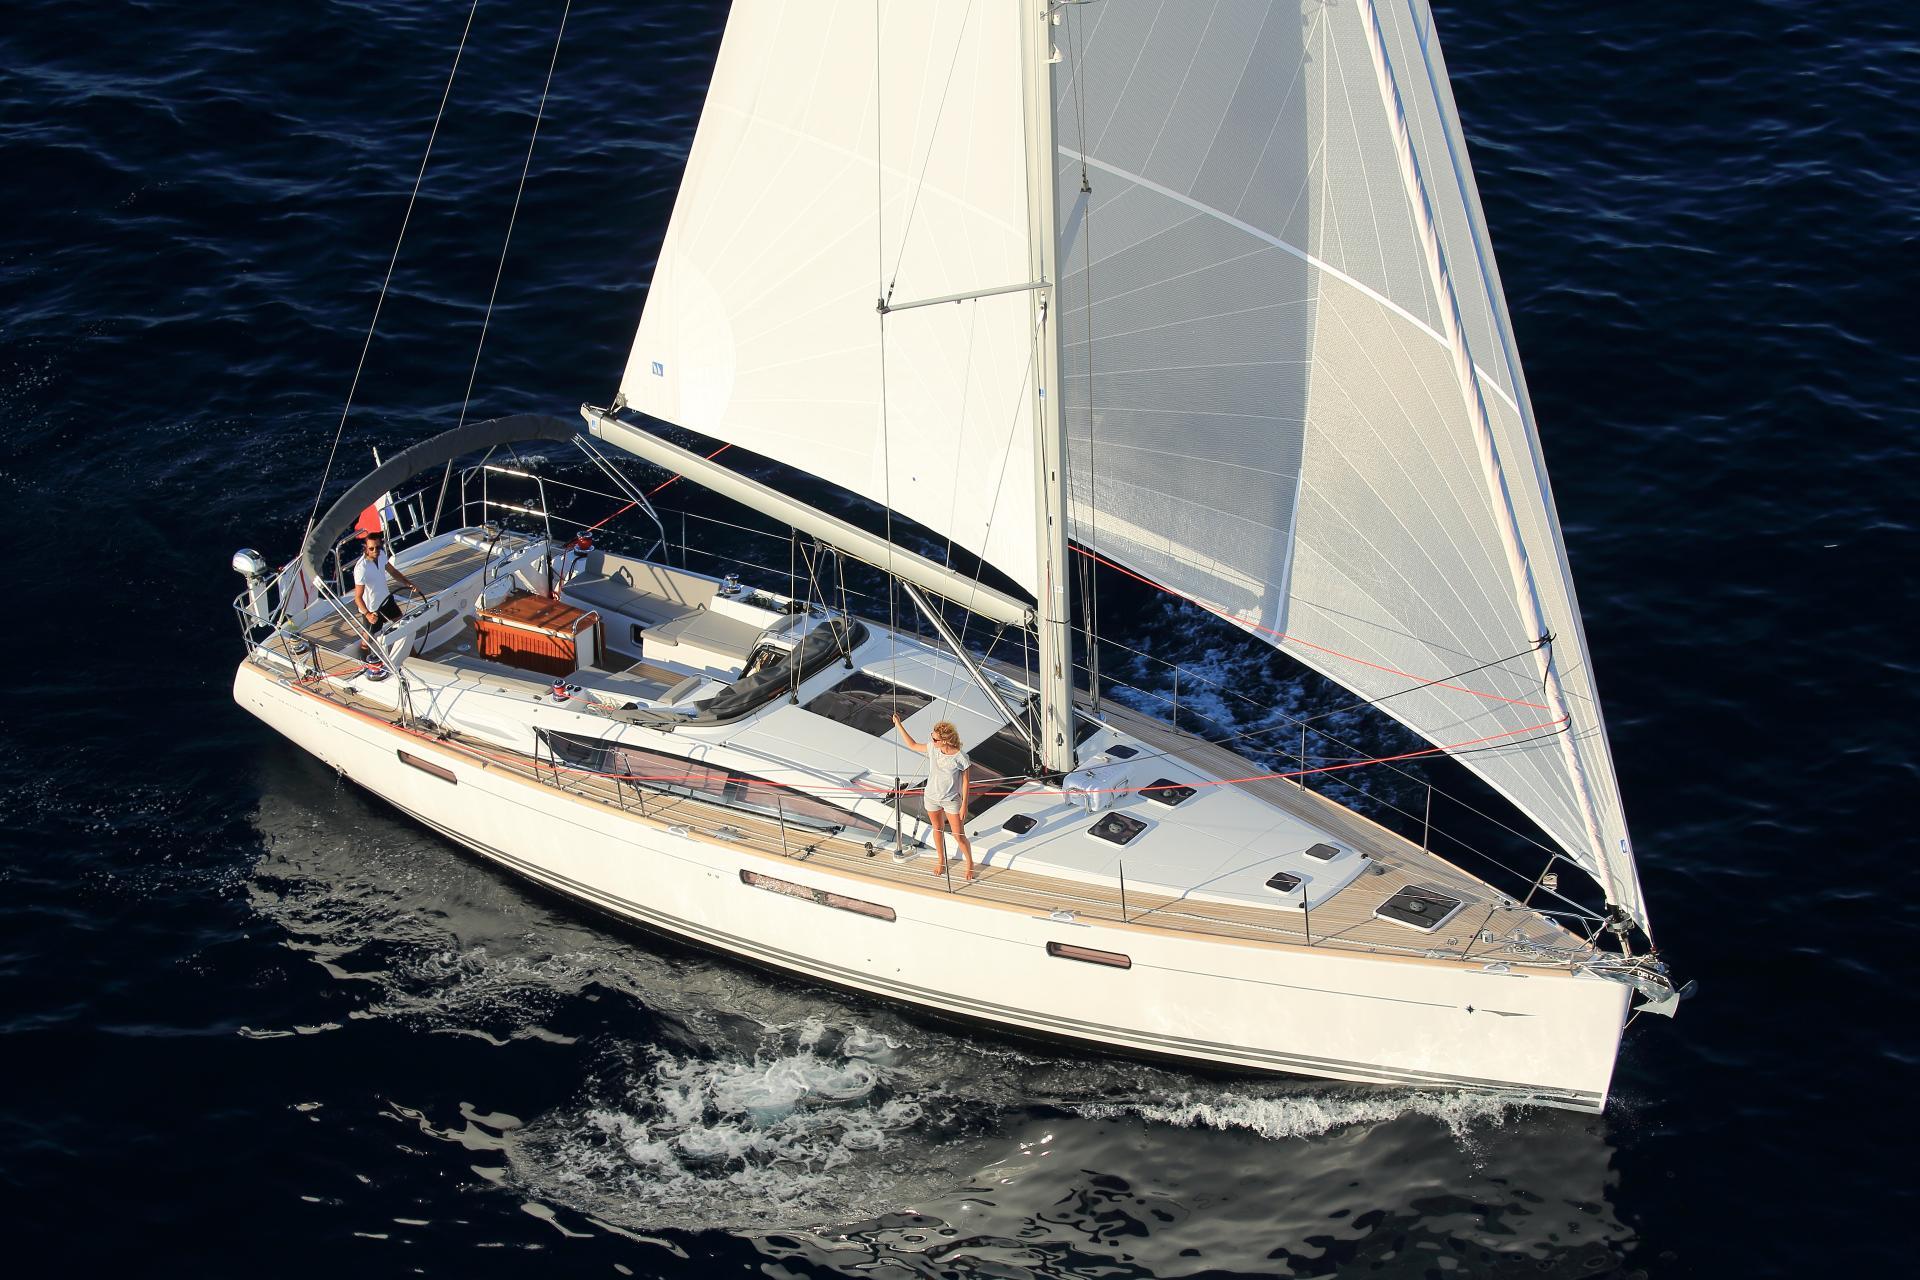 Jeanneau 58 Jeanneau Boats